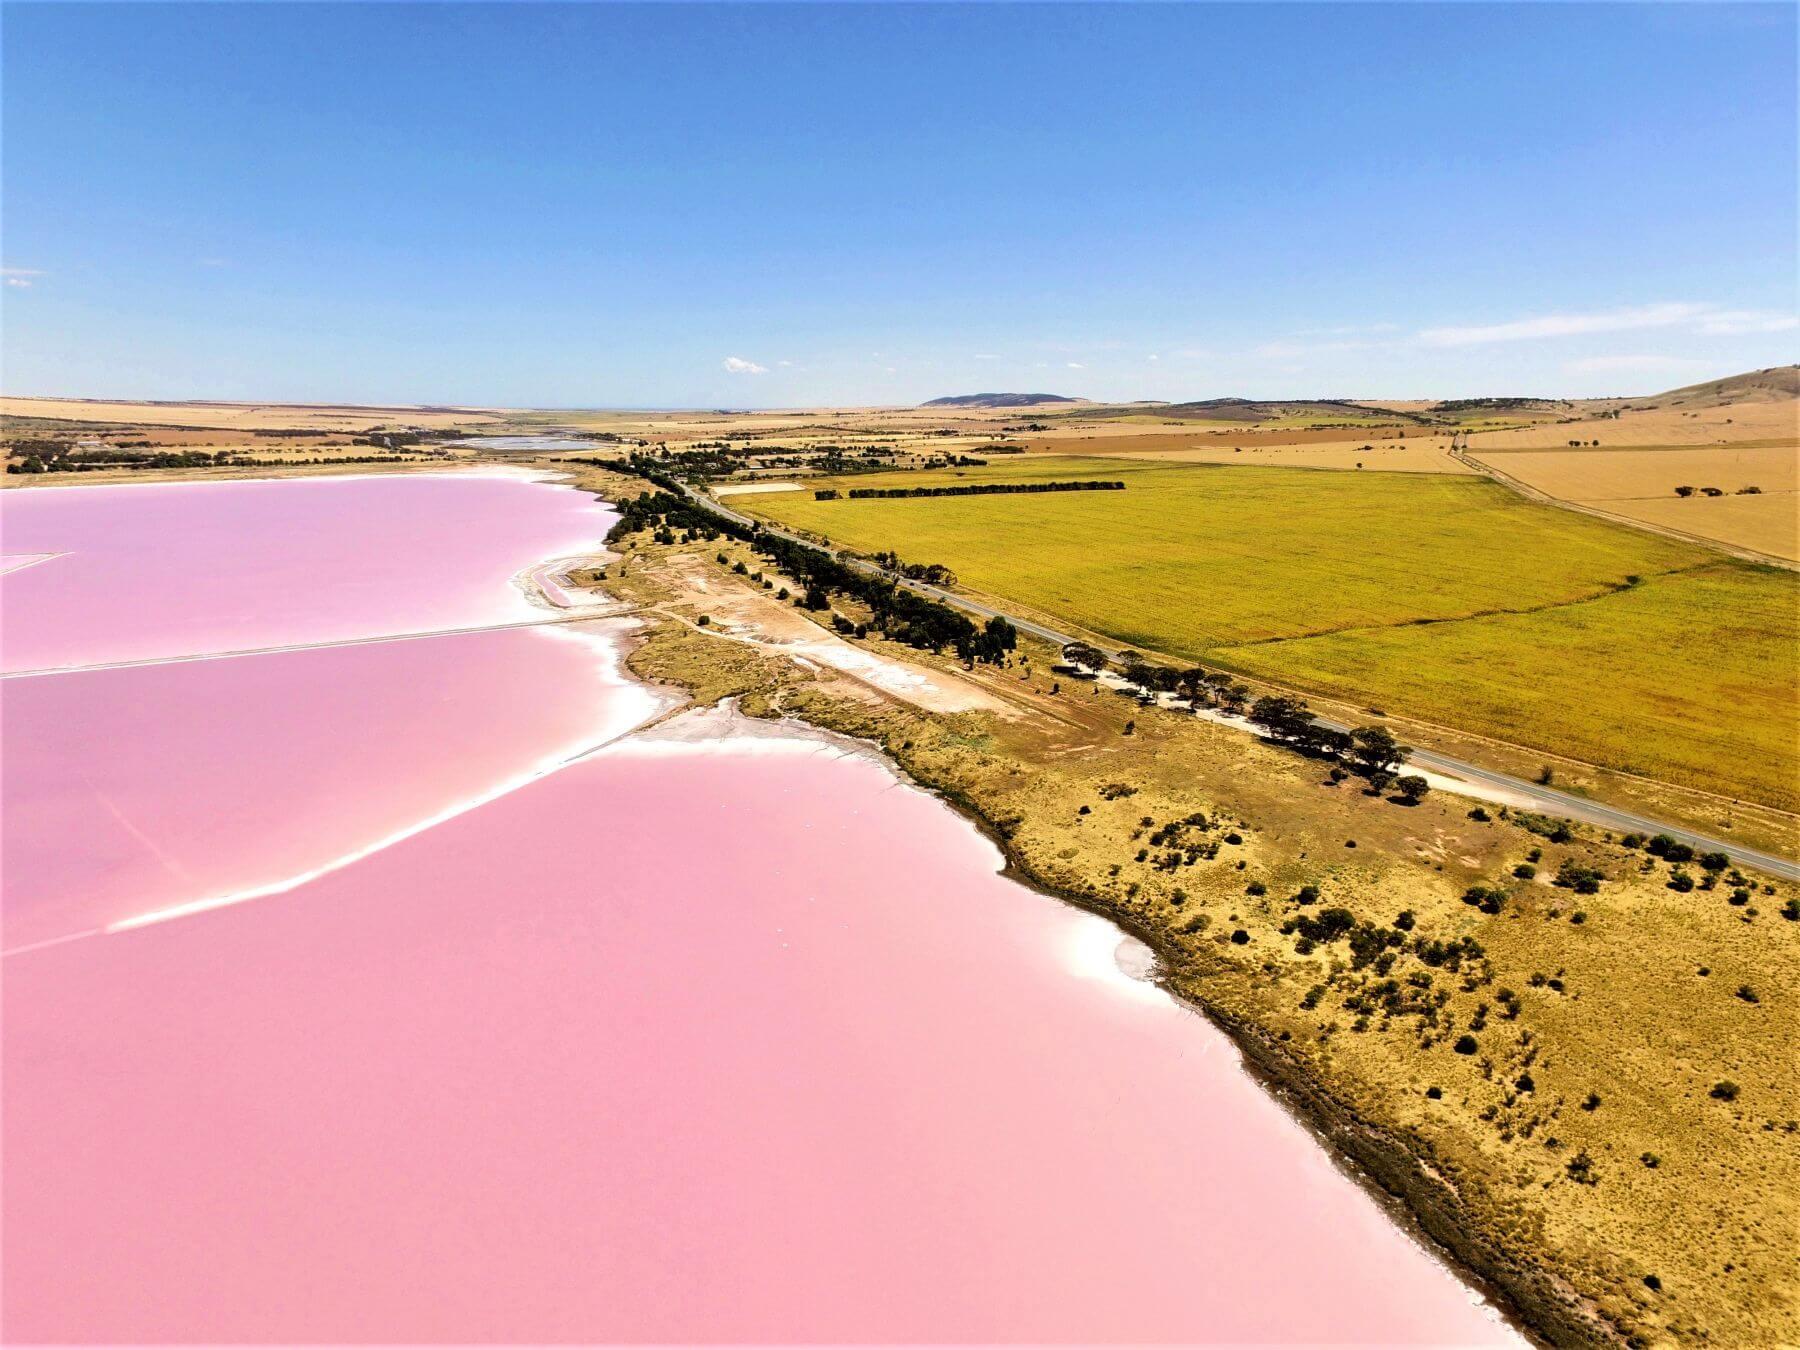 Rosa See in Australien - Der Lake Bumbunga